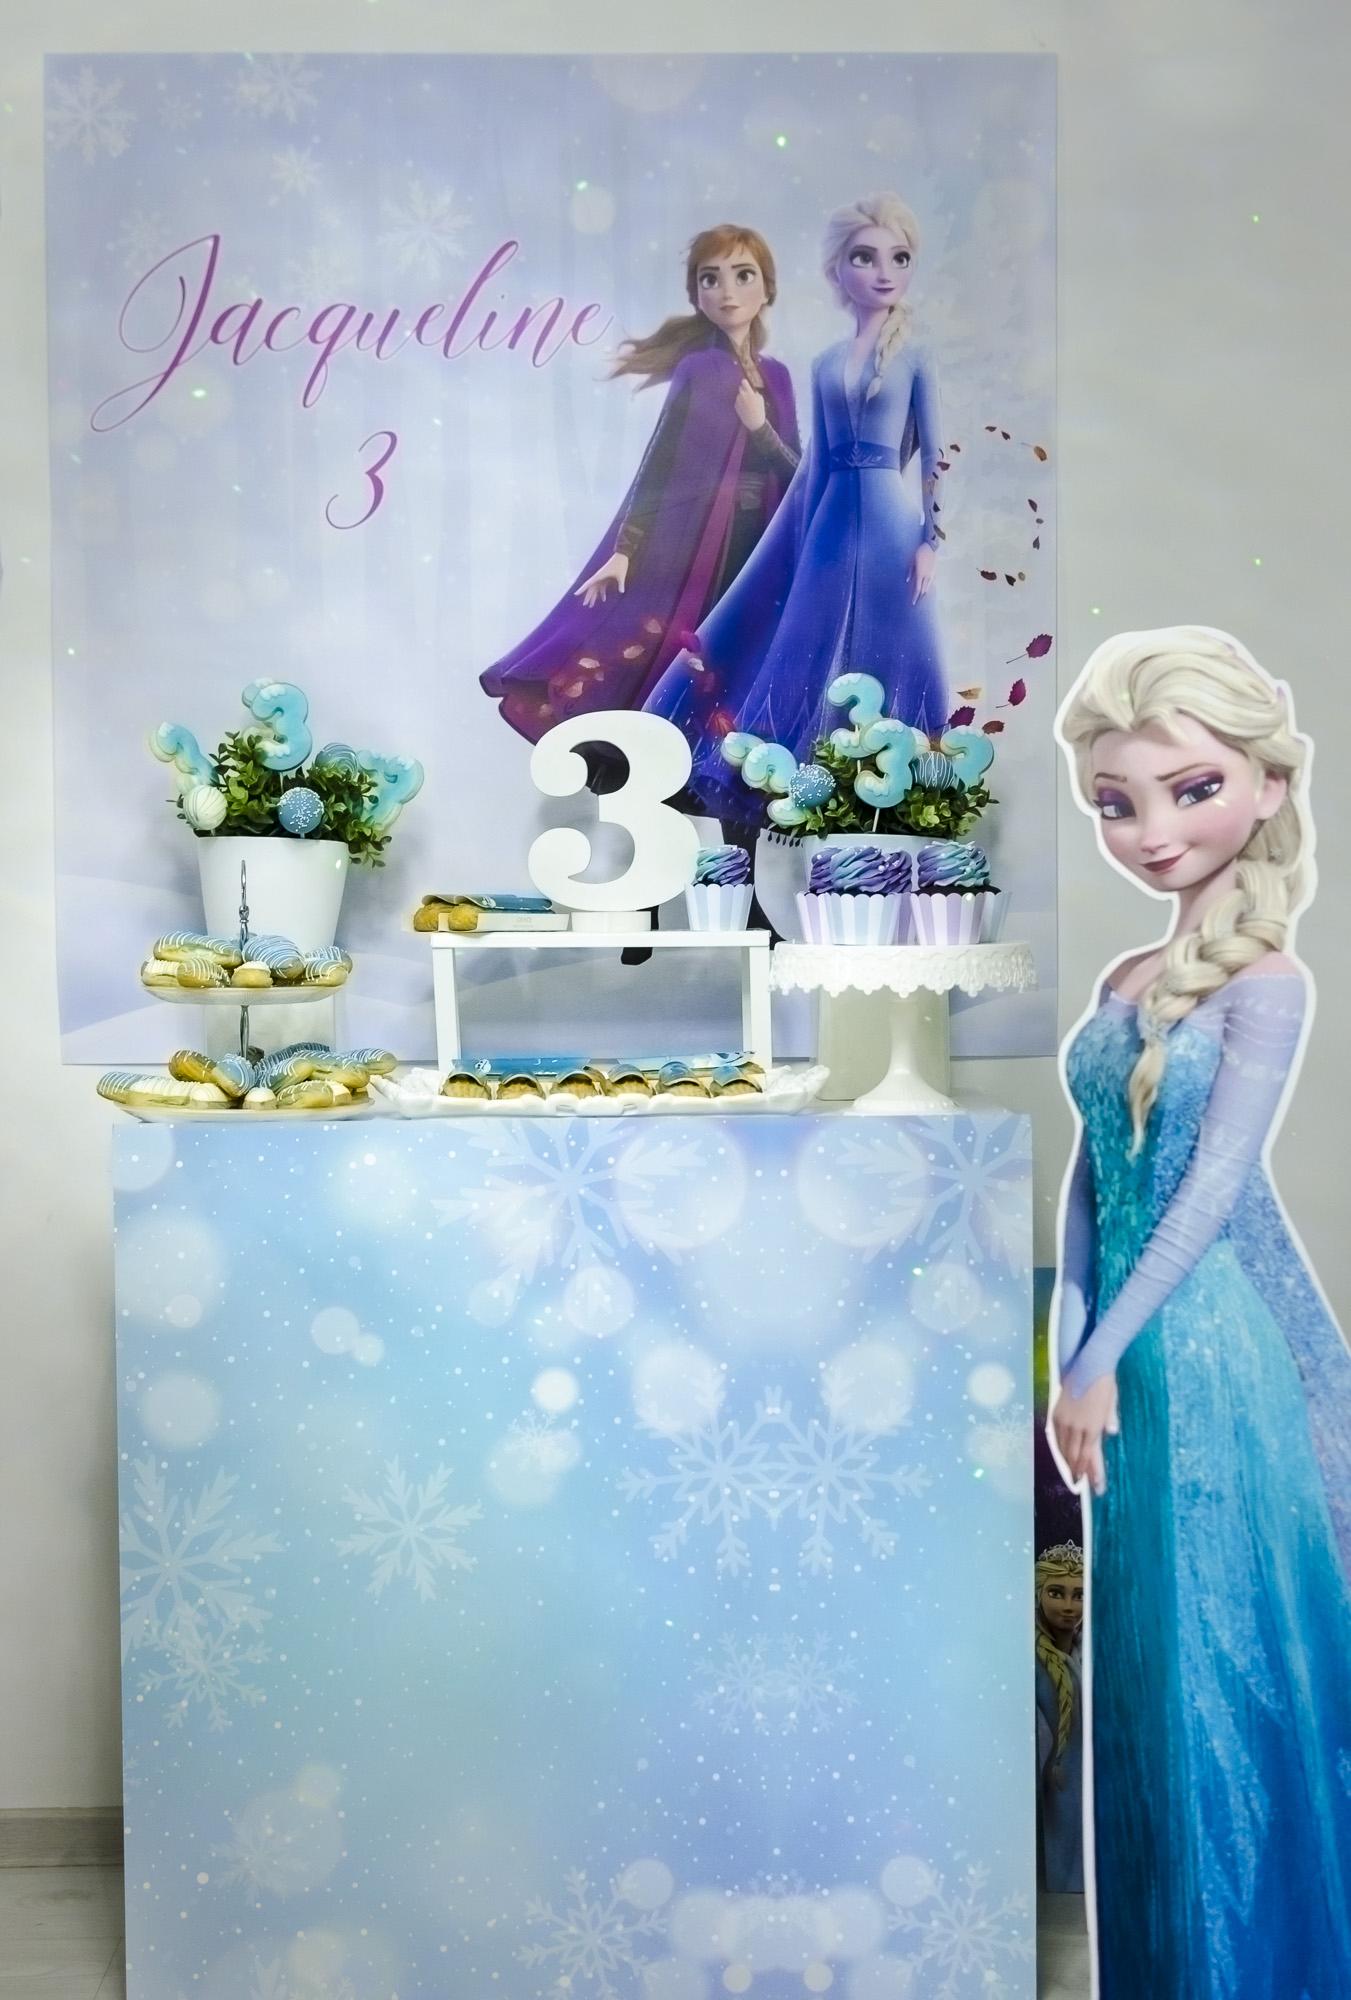 Jacqueline's Frozen Party